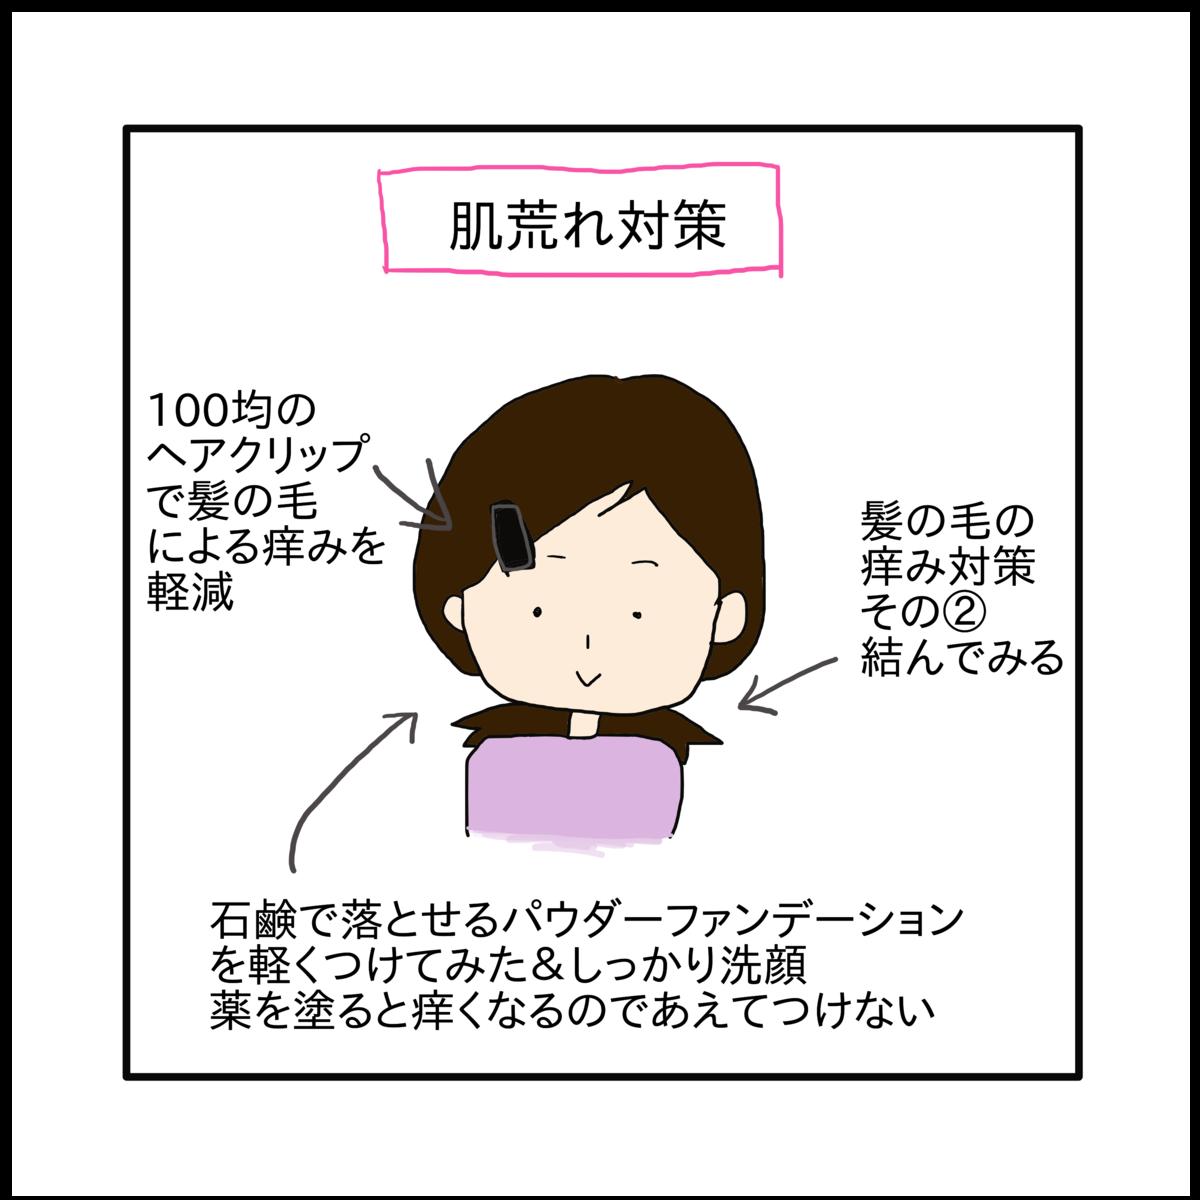 f:id:usuisachiyo28:20191030225759p:plain